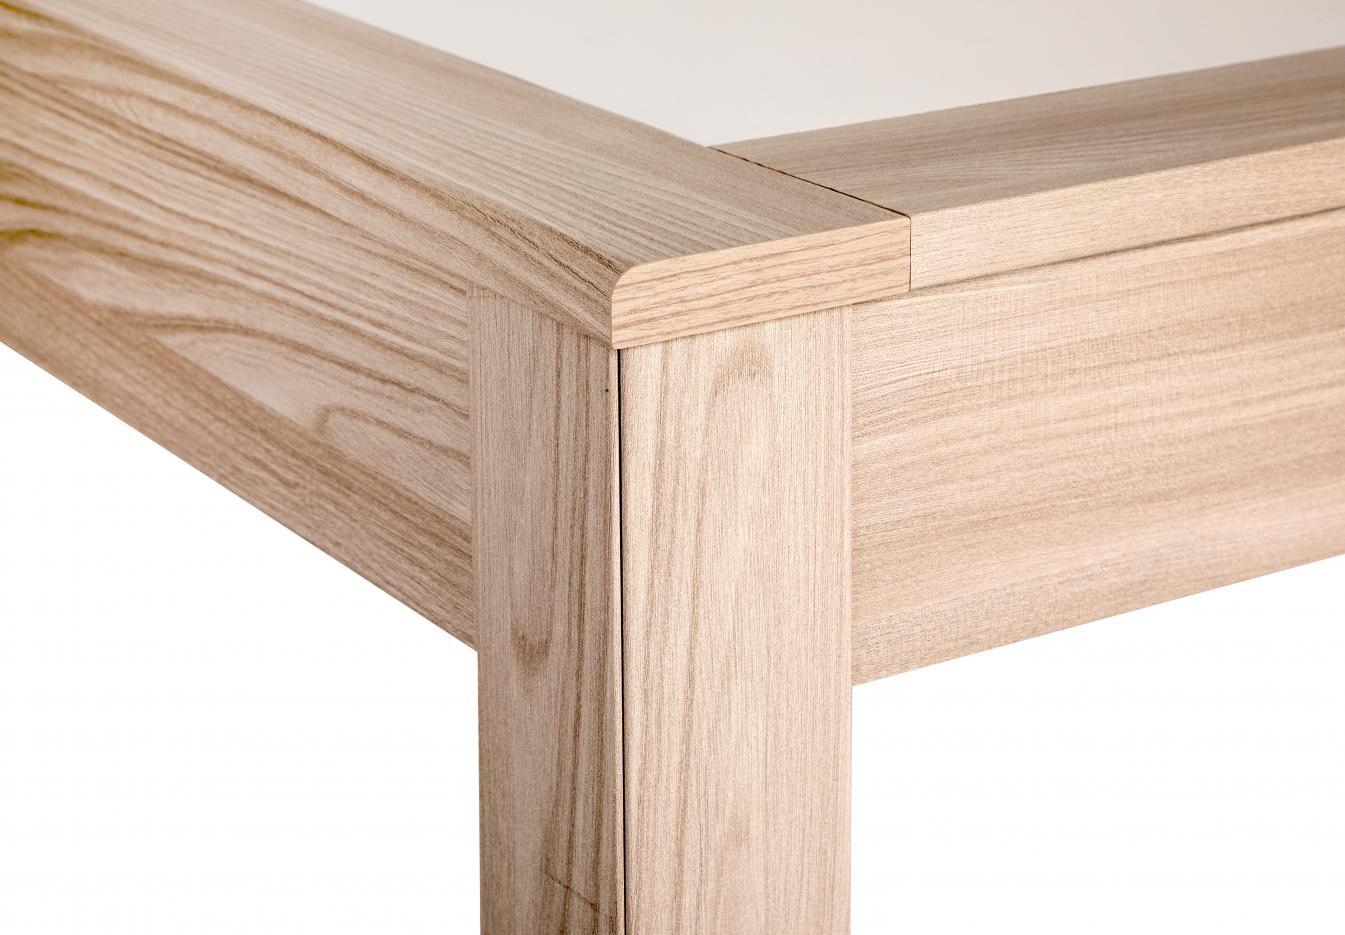 angolo tavolo allungabile 80x120 cm rovere naturale